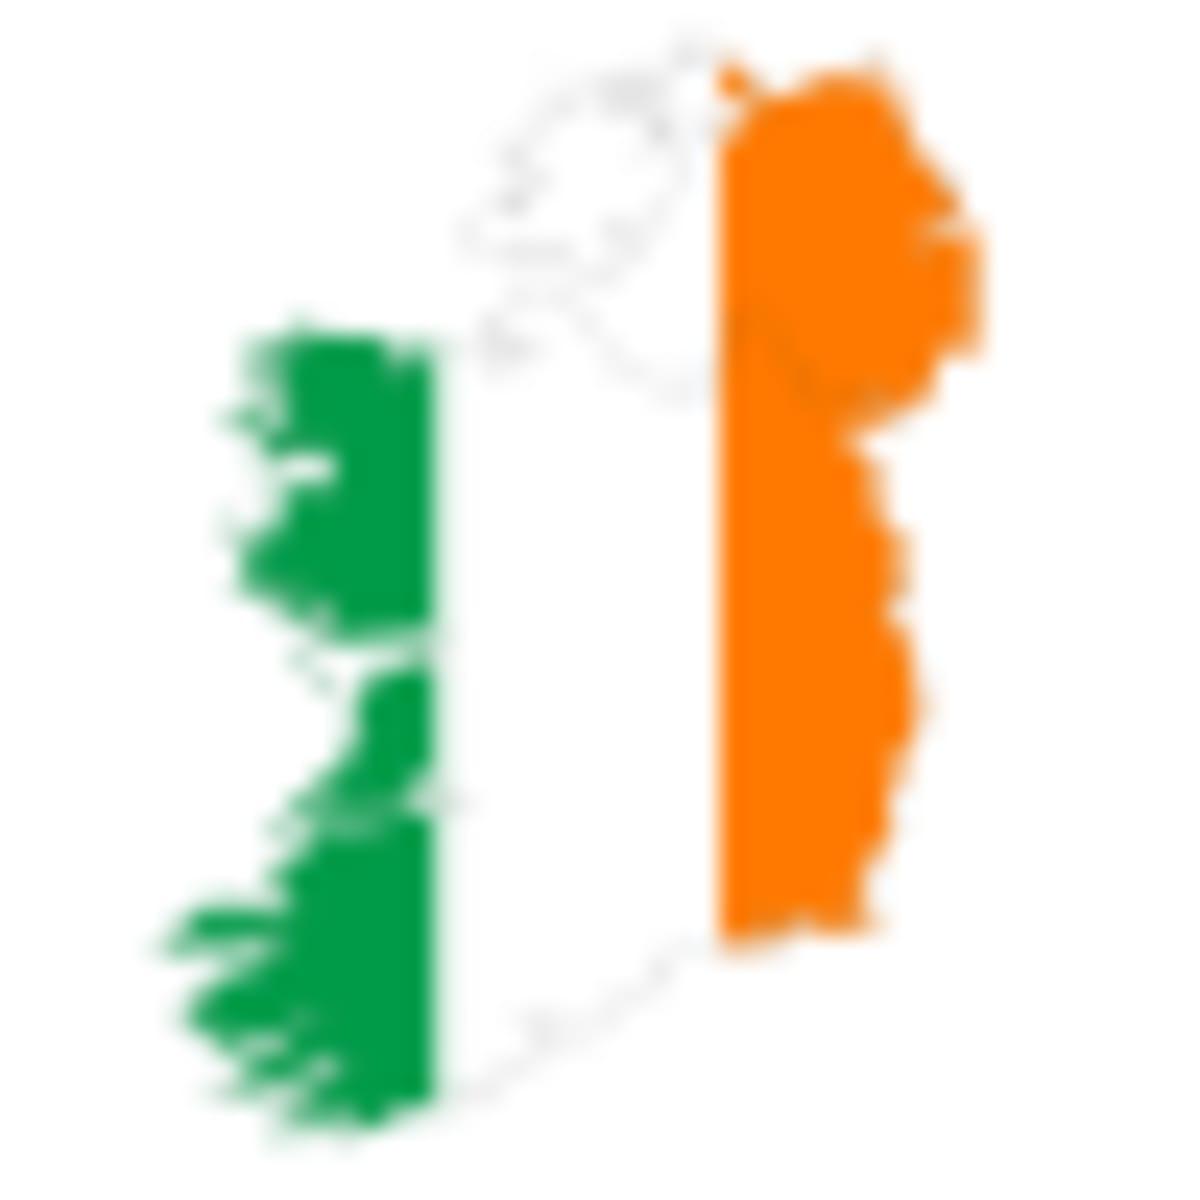 Az ír kormány: nincs tudományos bizonyíték a COVID-19 létezésére